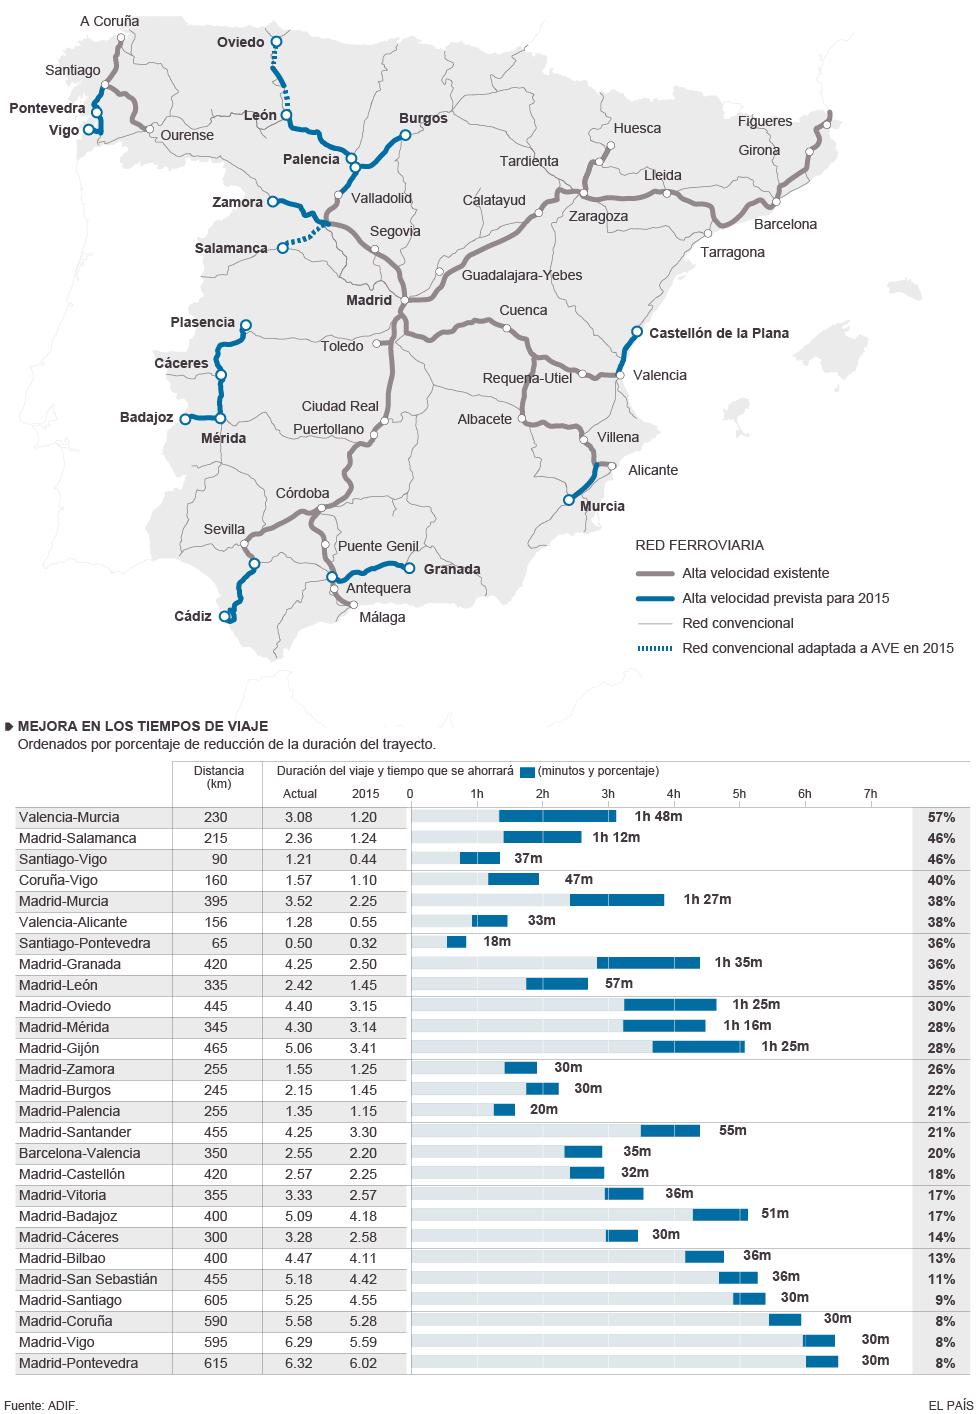 Transportes: Ferrocarril en España, alta velocidad, convencional. - Página 4 1420226888_130609_1420226942_noticia_normal